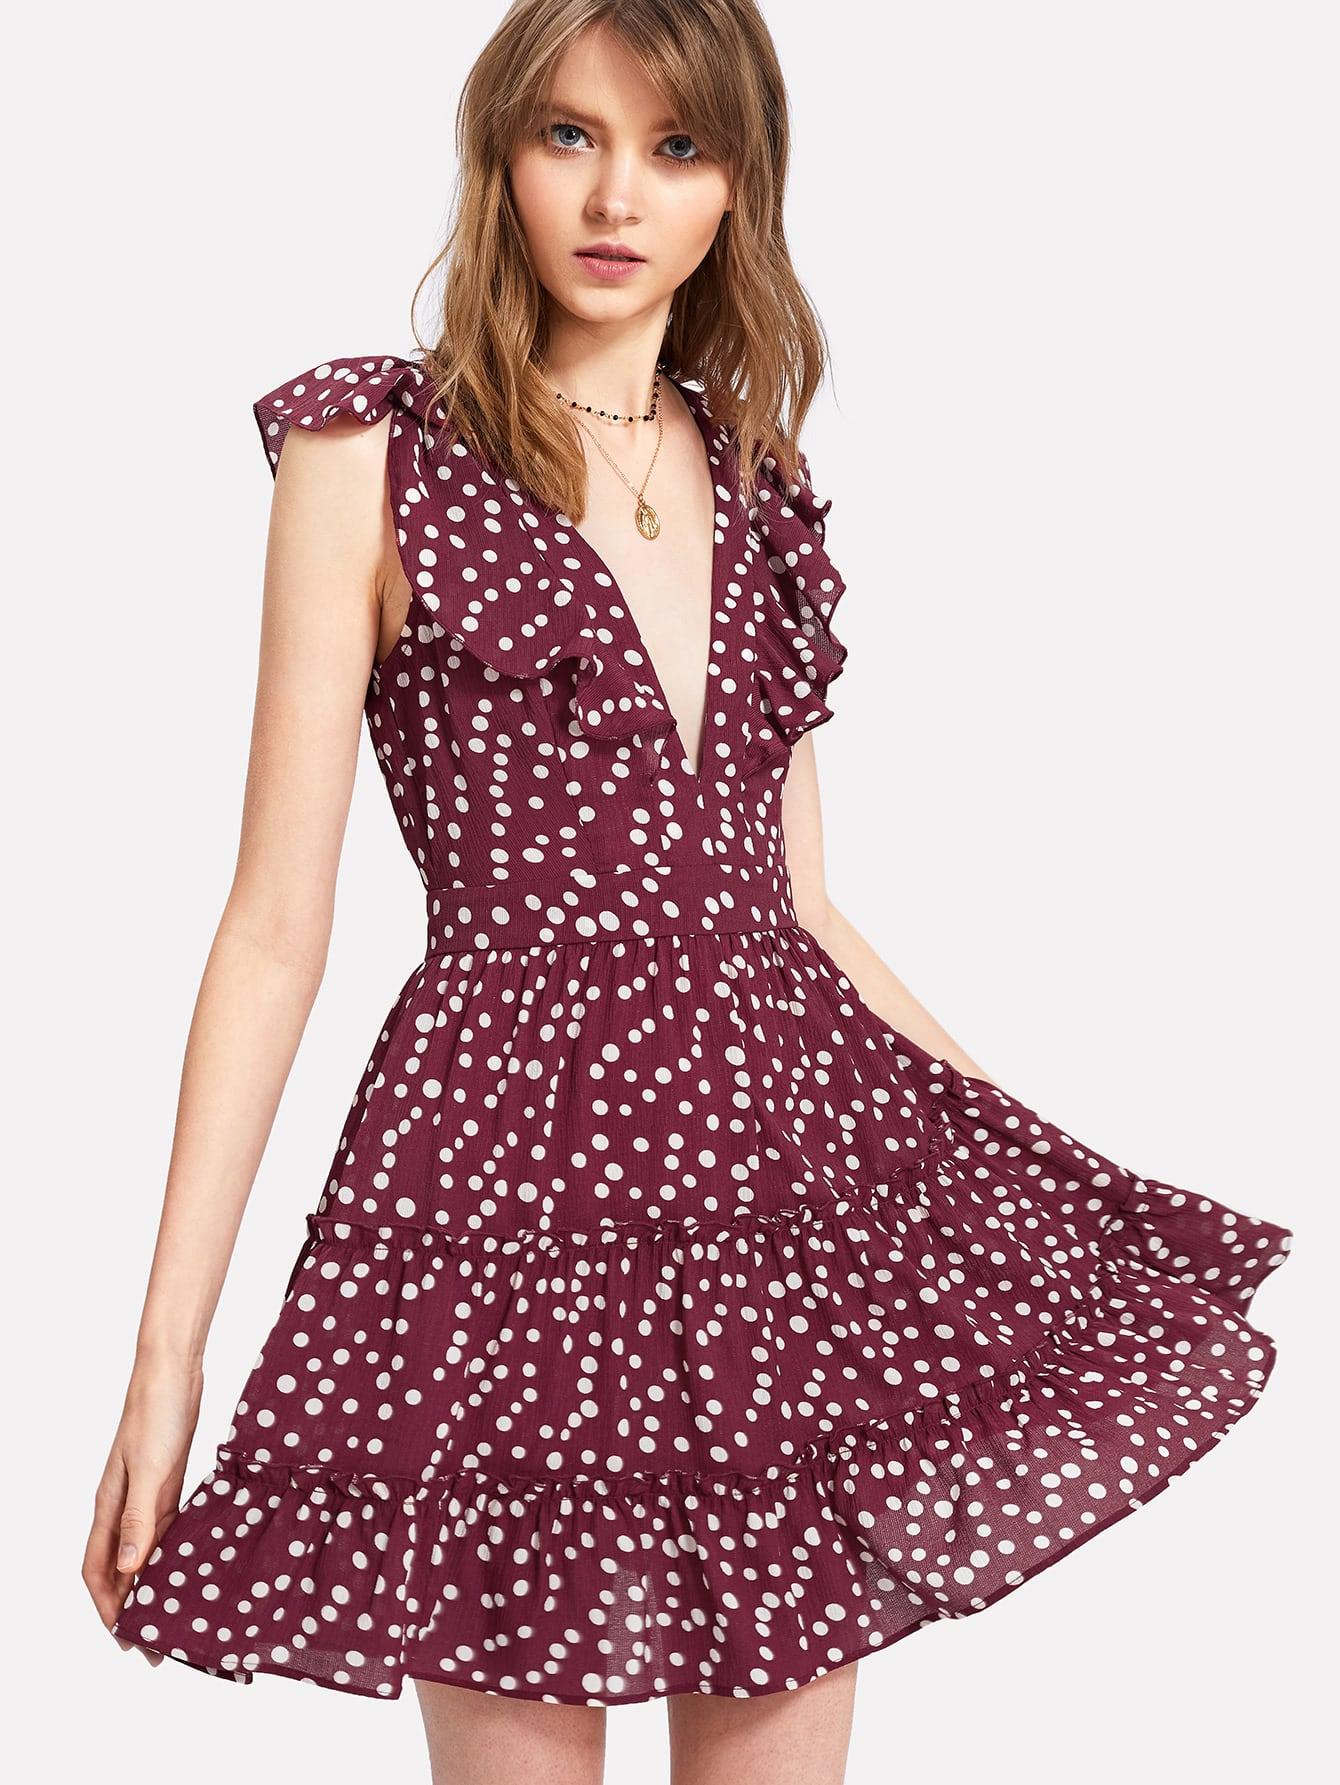 Купить Модное платье в горошек с оборкой и оригинальным вырезом, Oxa, SheIn